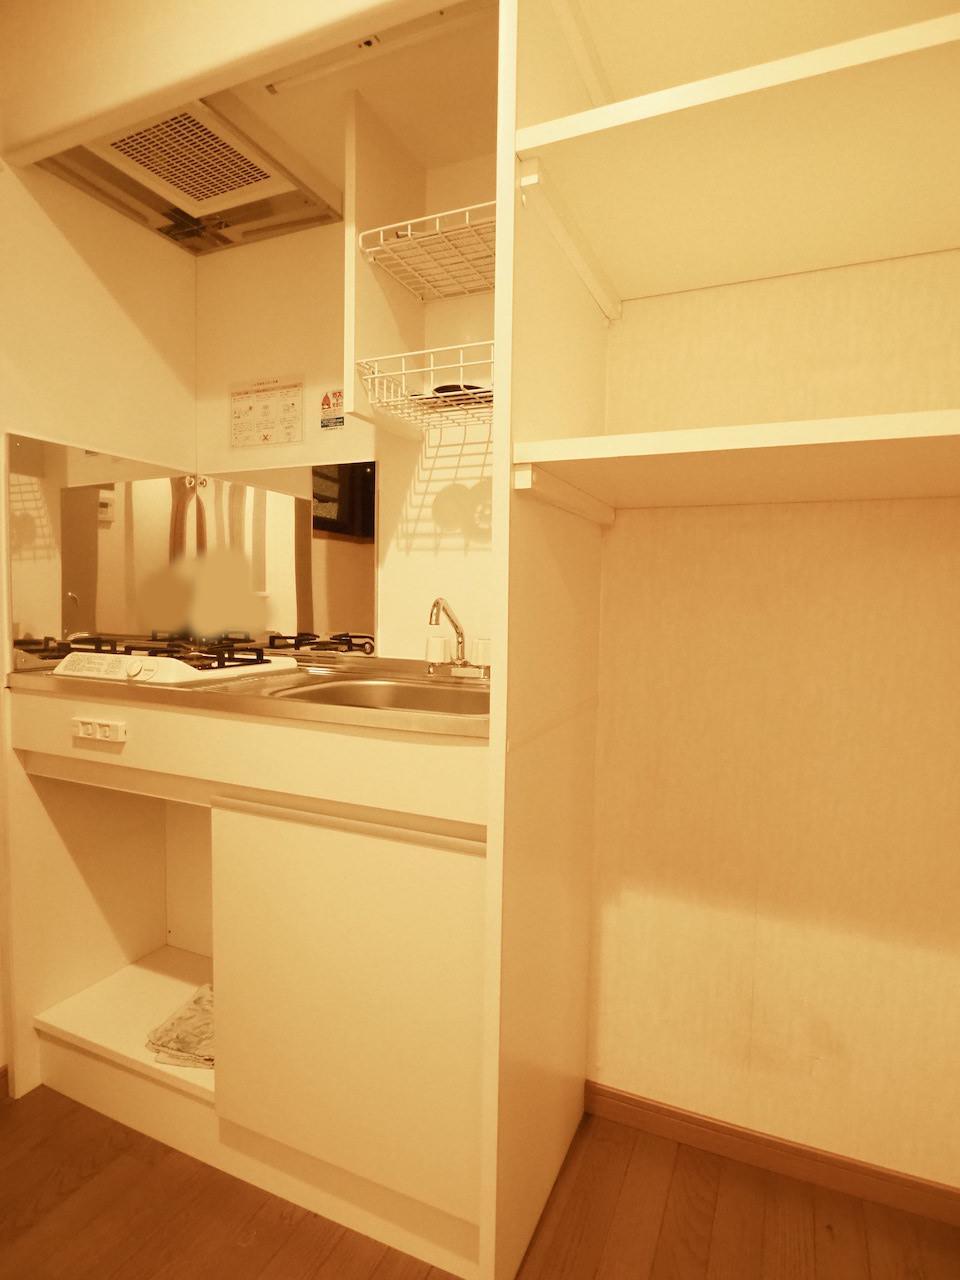 コンパクトなキッチン。右には冷蔵庫ですかね。